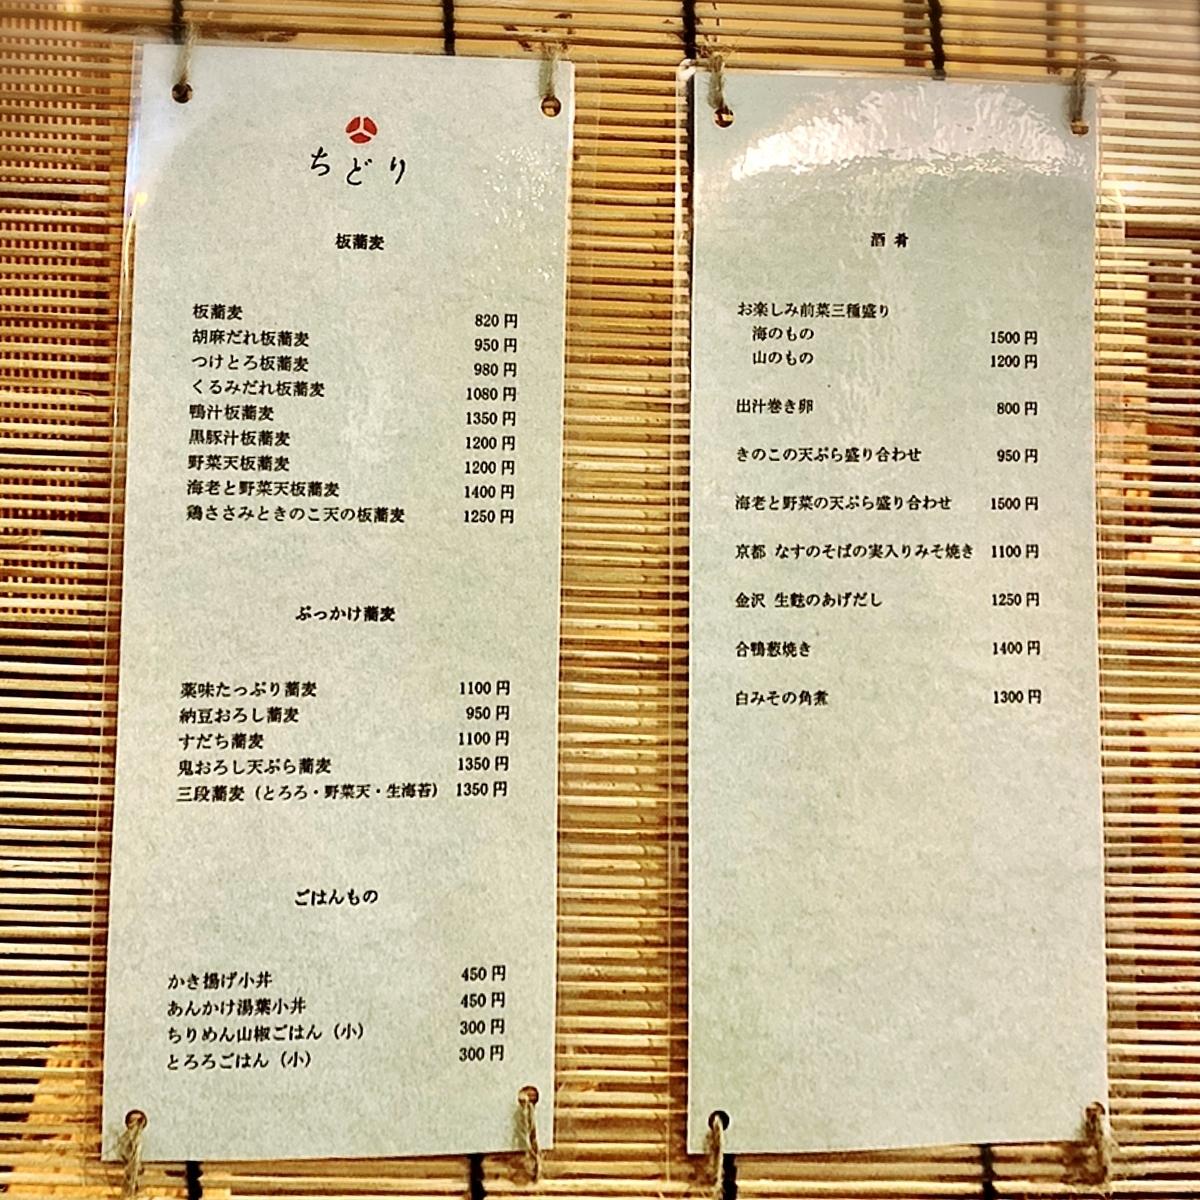 「板蕎麦 ちどり」のメニューと値段2